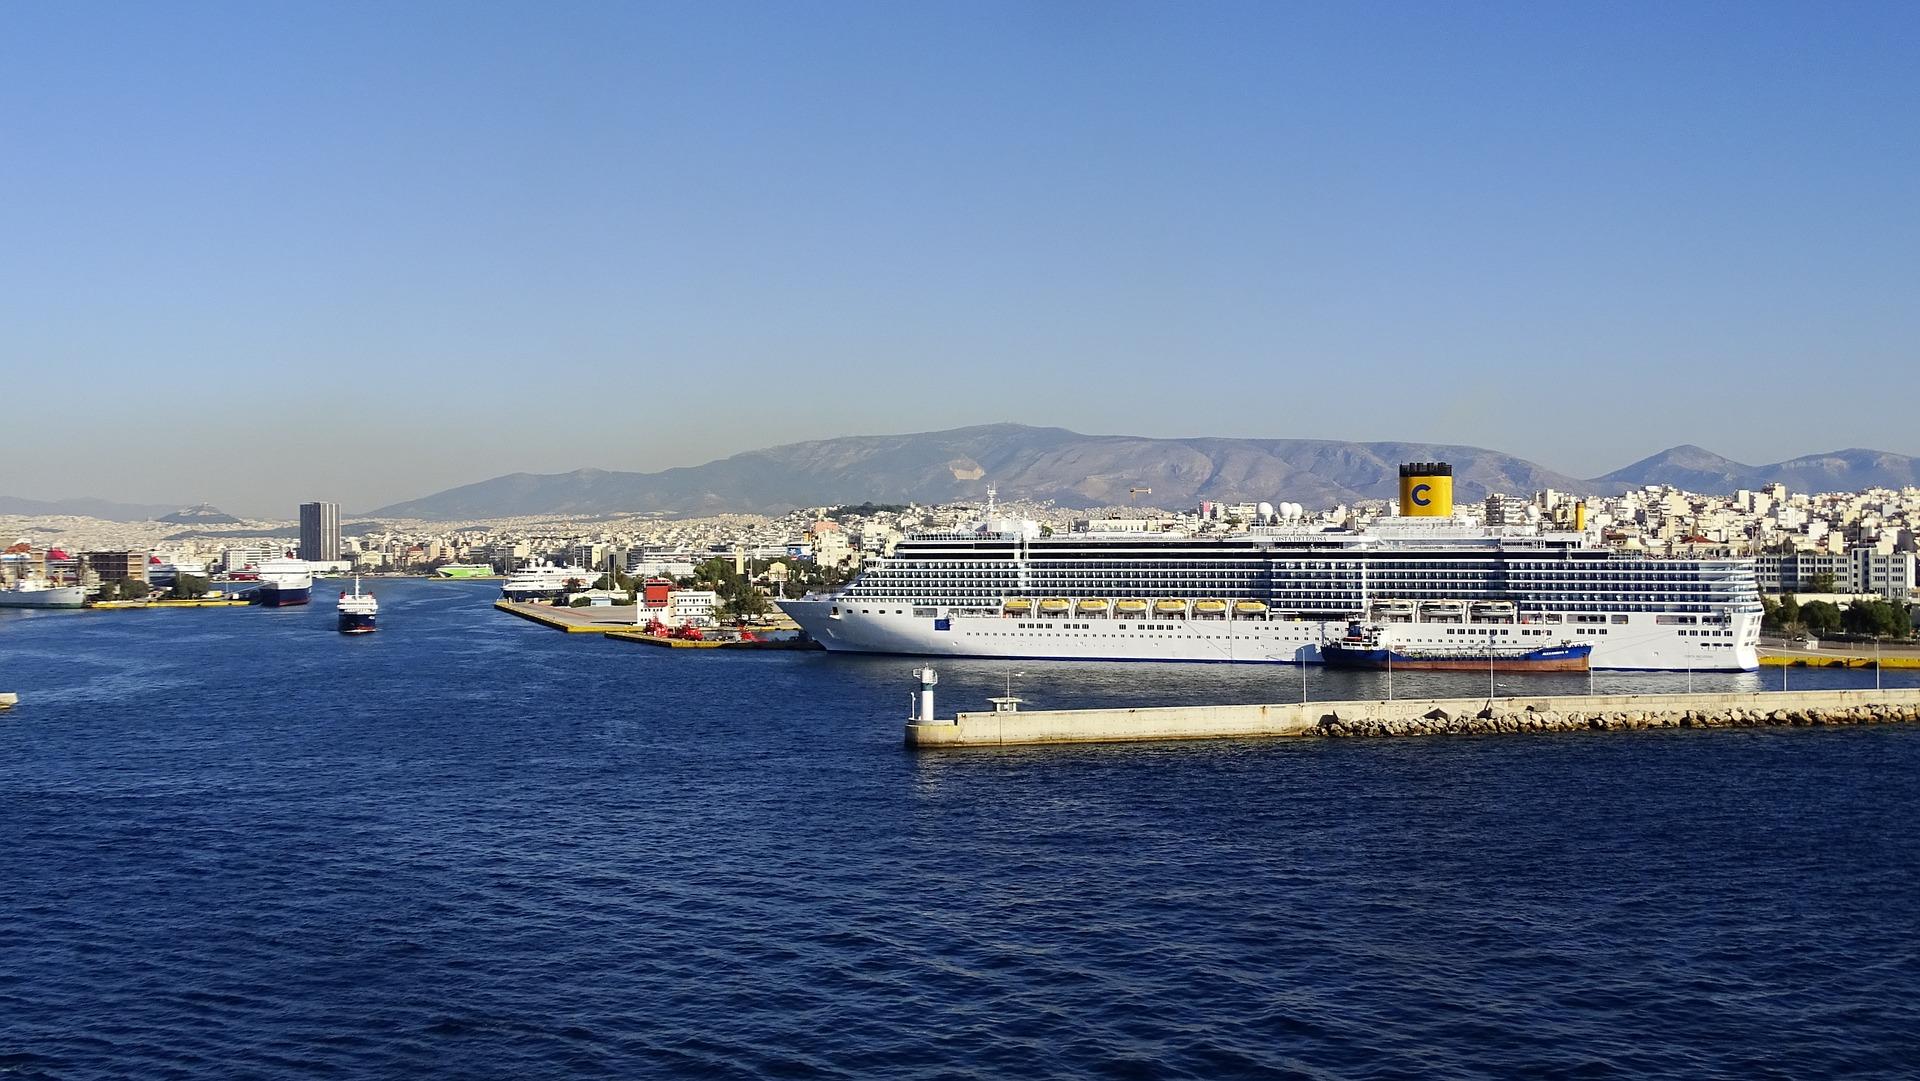 Athens (Piraeus) 2020 cruise ship schedule